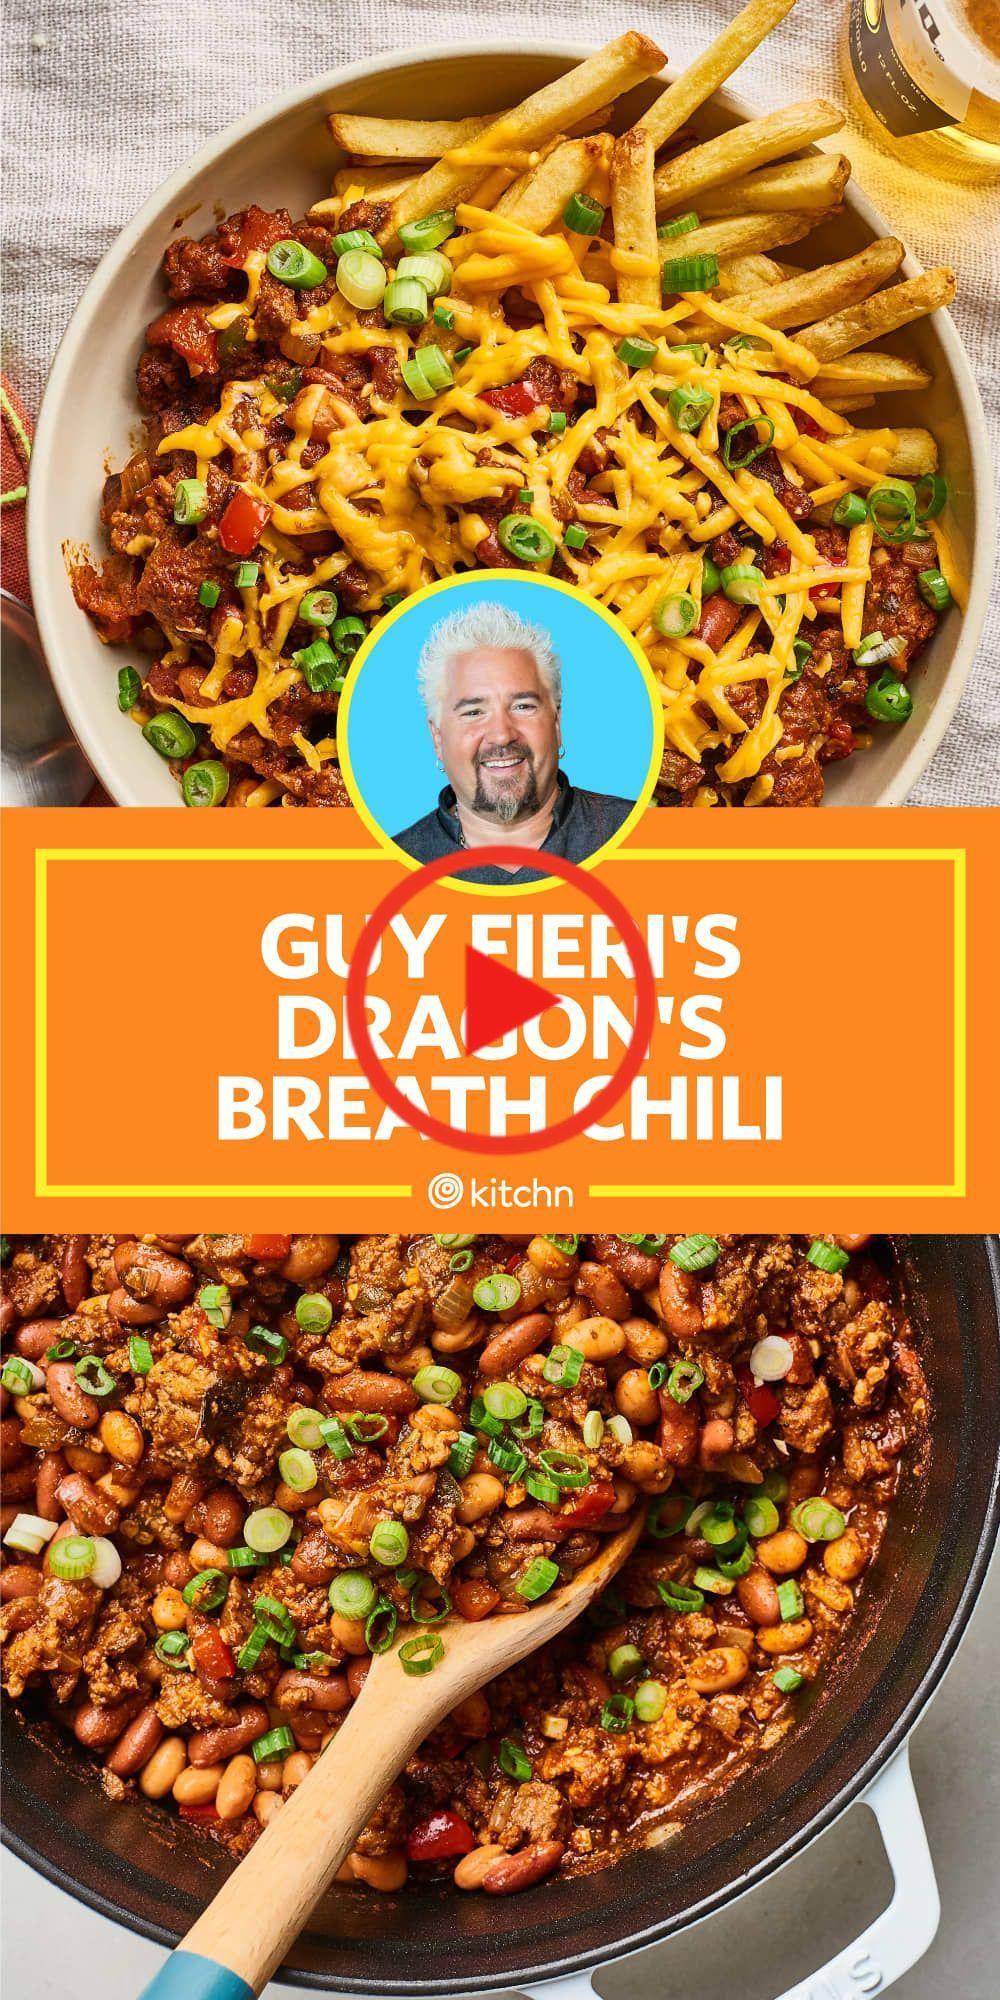 Guy Fieri S Spicy Chili Recipe Packs A Serious Punch Spicy Chili Recipe Chili Recipes Homemade Chili Recipe